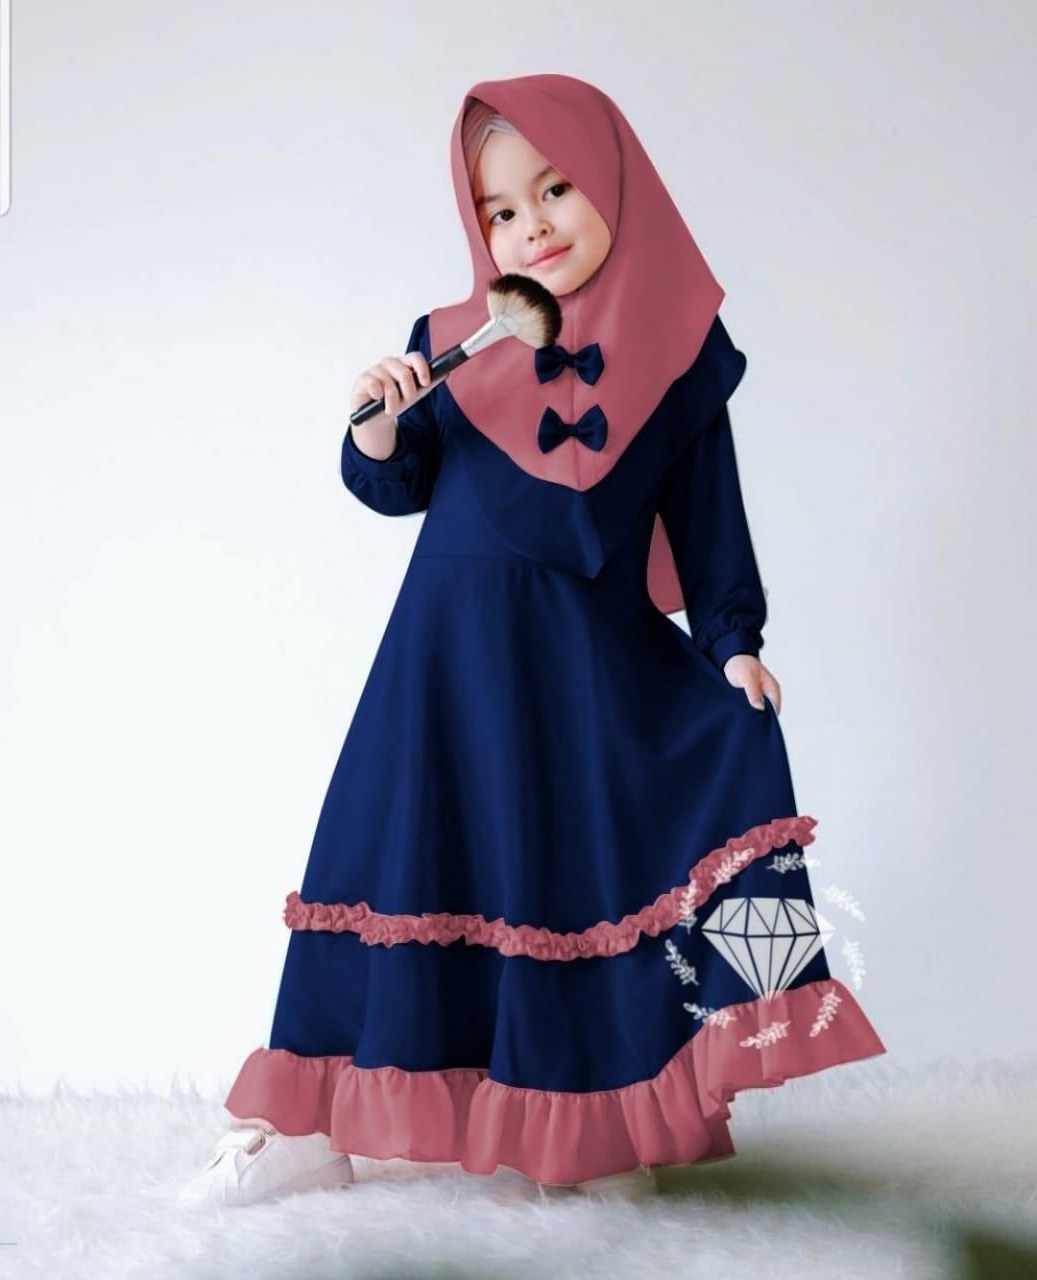 inspirasi baju lebaran anak perempuan umur 11 tahun whdr model baju muslim anak kecil perempuan of baju lebaran anak perempuan umur 11 tahun